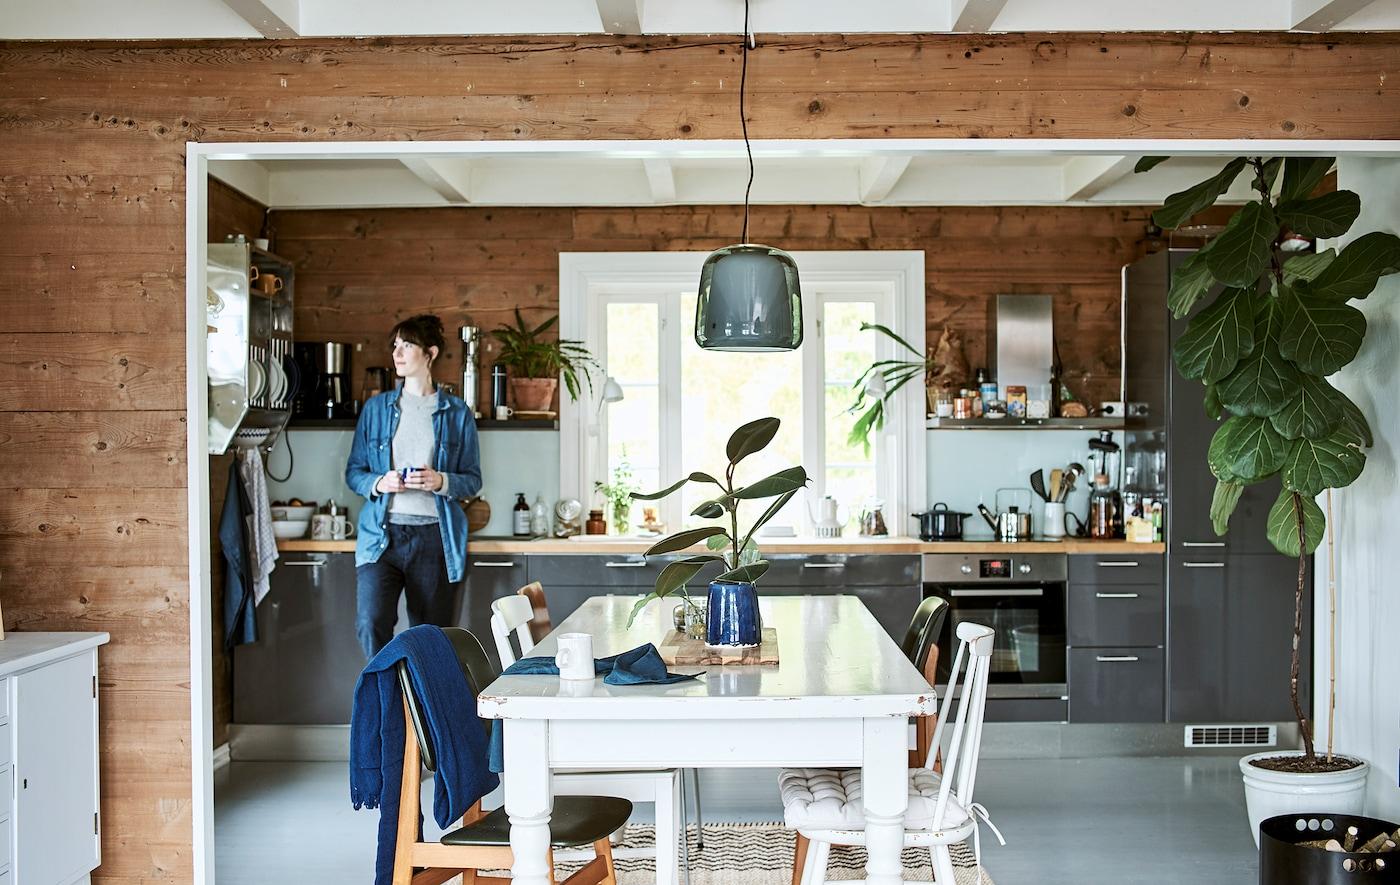 امرأة تتكئ على خزانة رمادية لامعة في مطبخ يفتح على غرفة طعام بداخلها طاولة خشبية وكراسي لون أبيض.